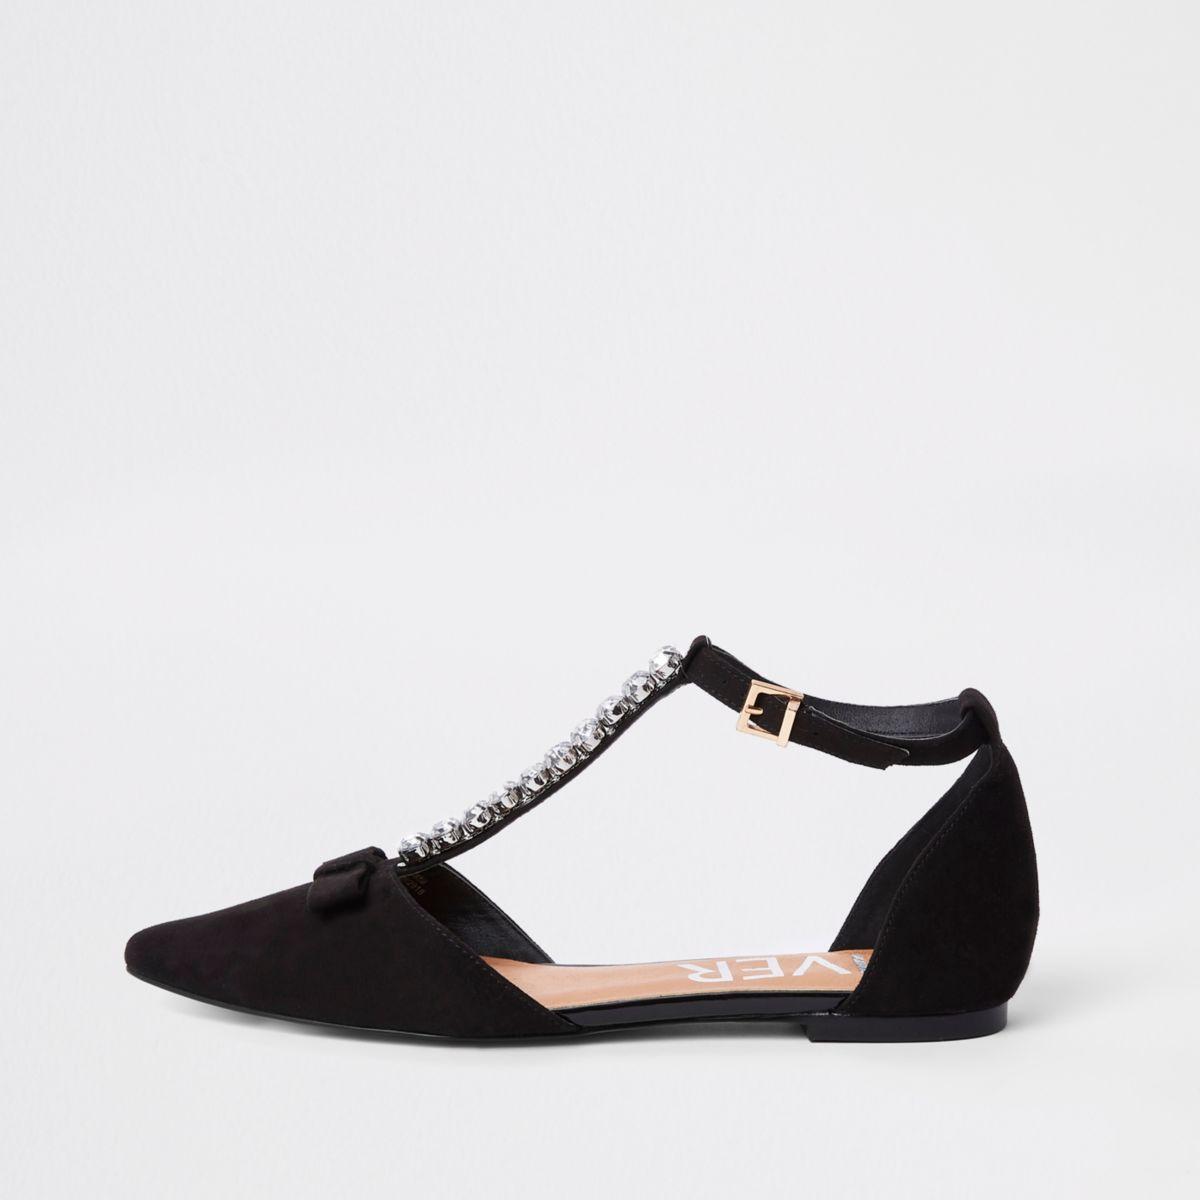 Zwarte puntige schoenen met siersteentjes en bandjes